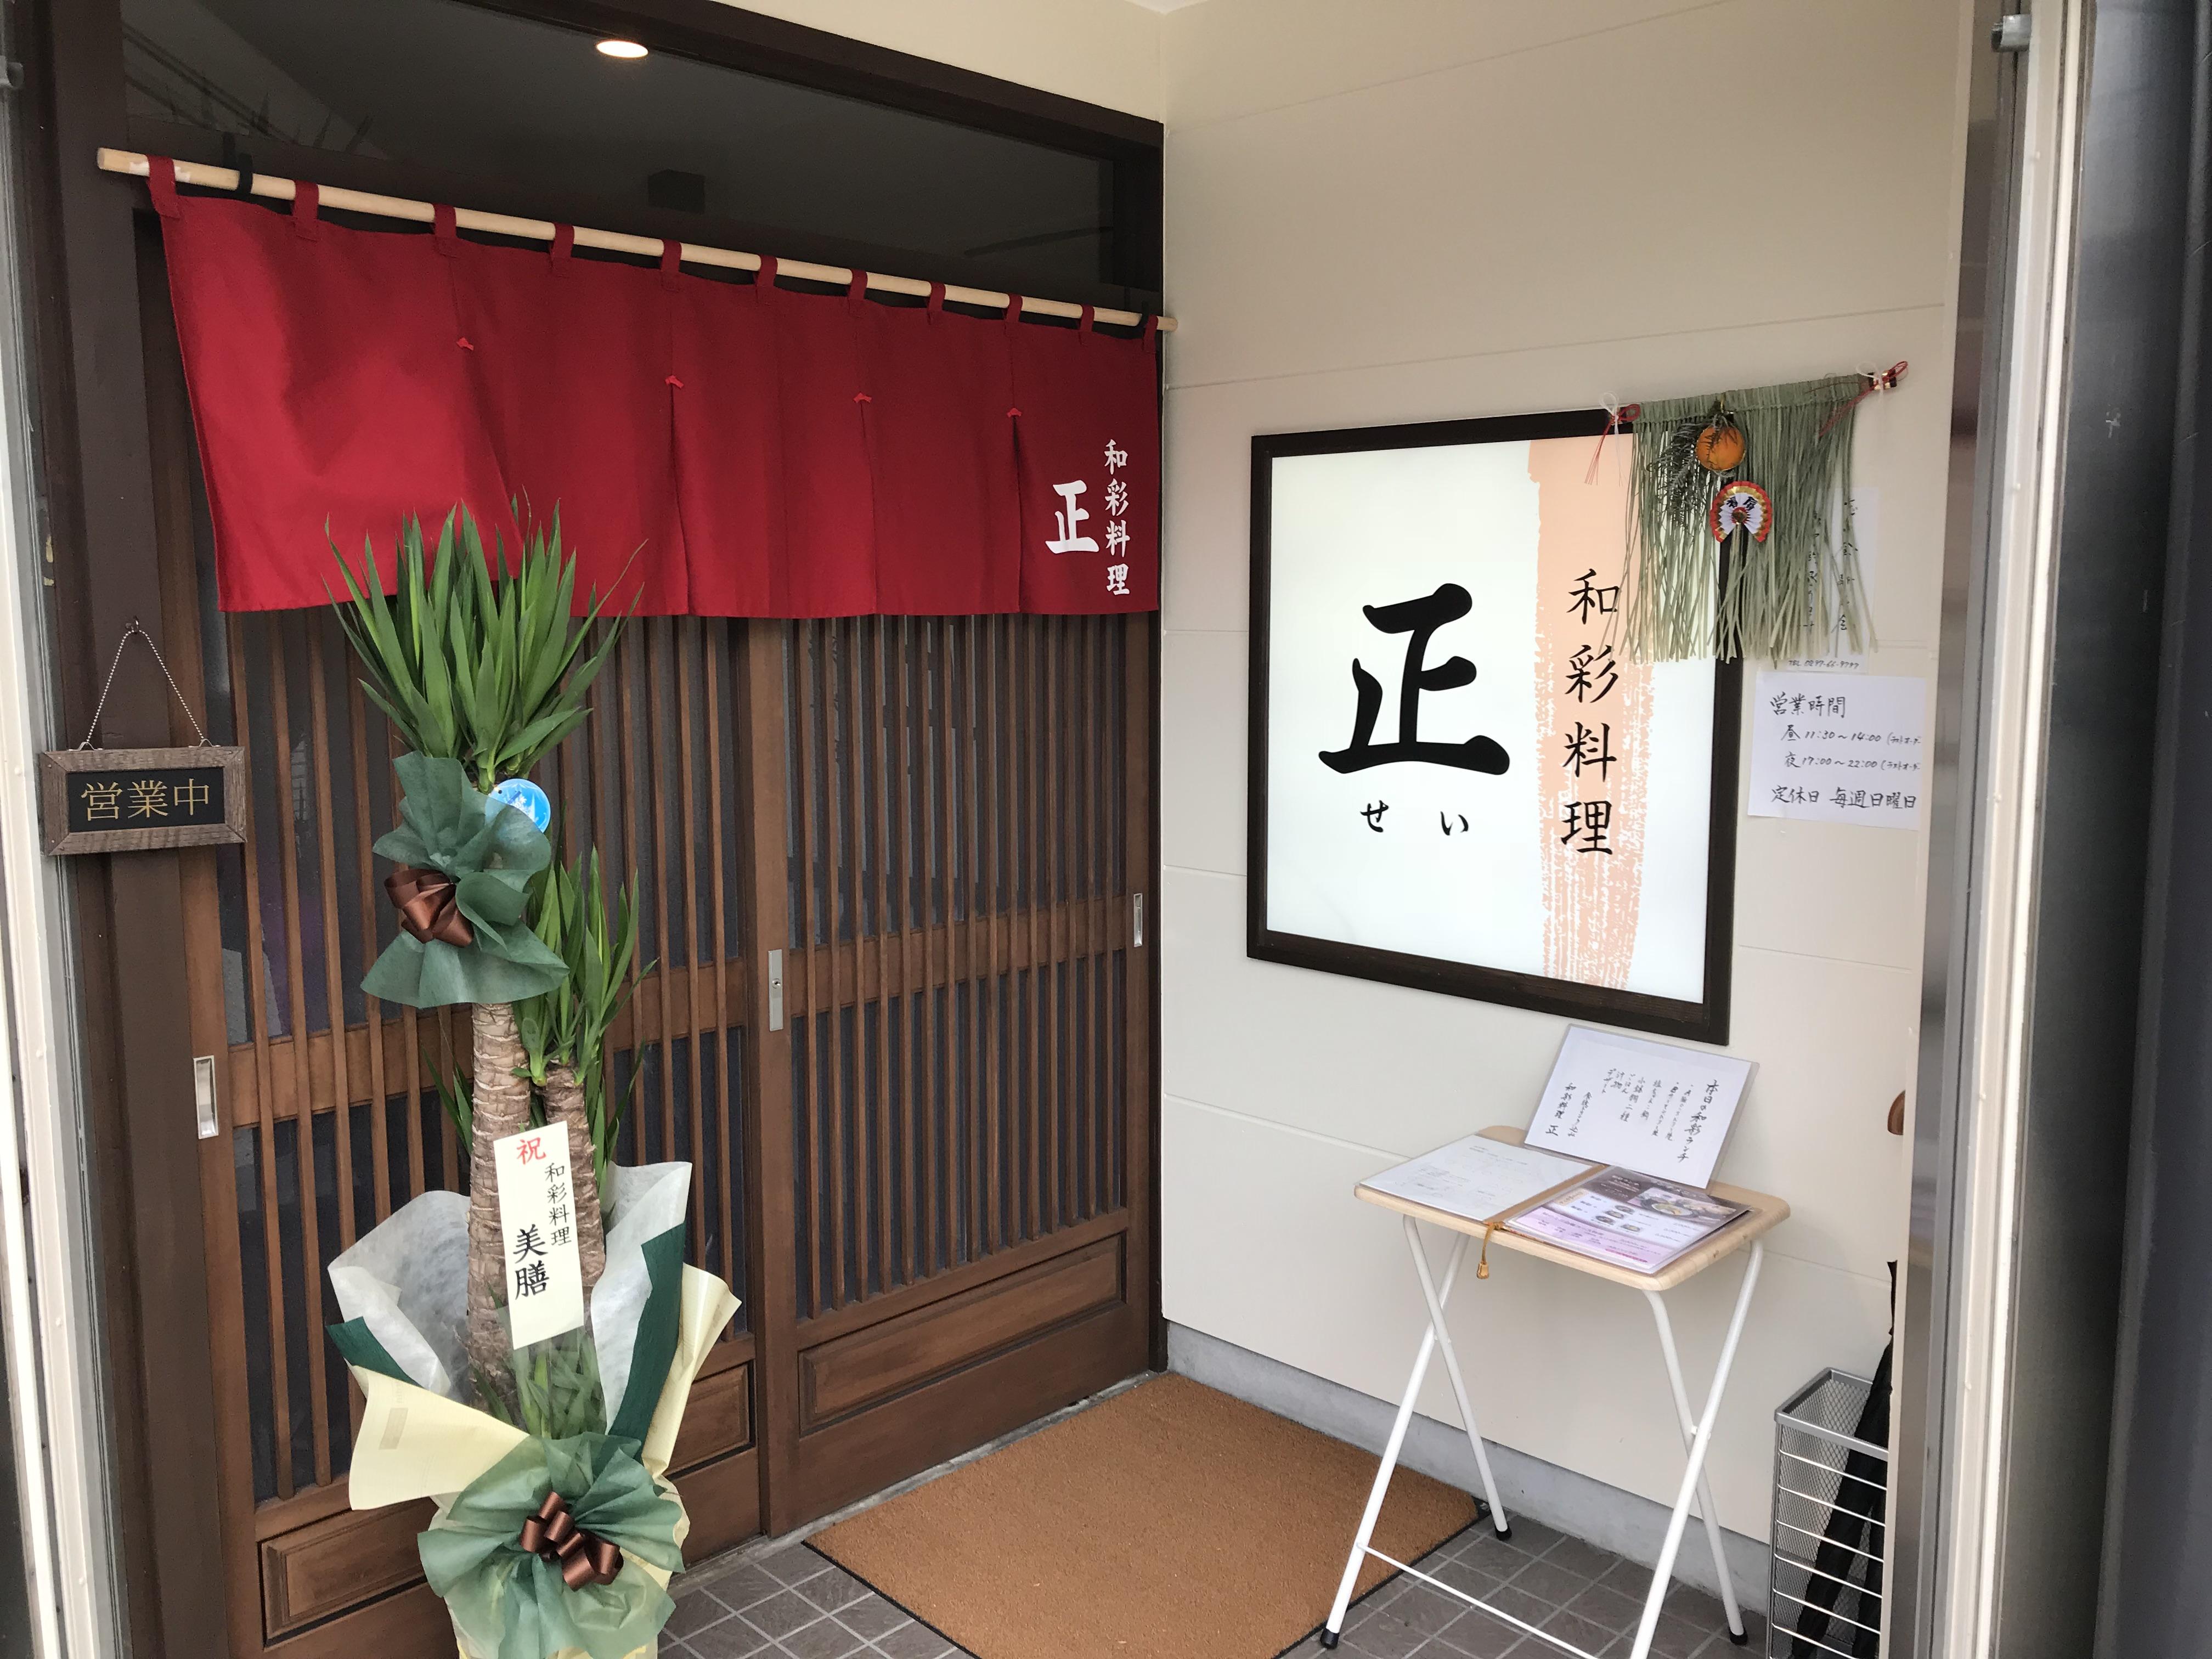 ランチに鍋がついてくる!?新居浜市に新しくできた「和彩料理 正」のランチメニューに大満足!!